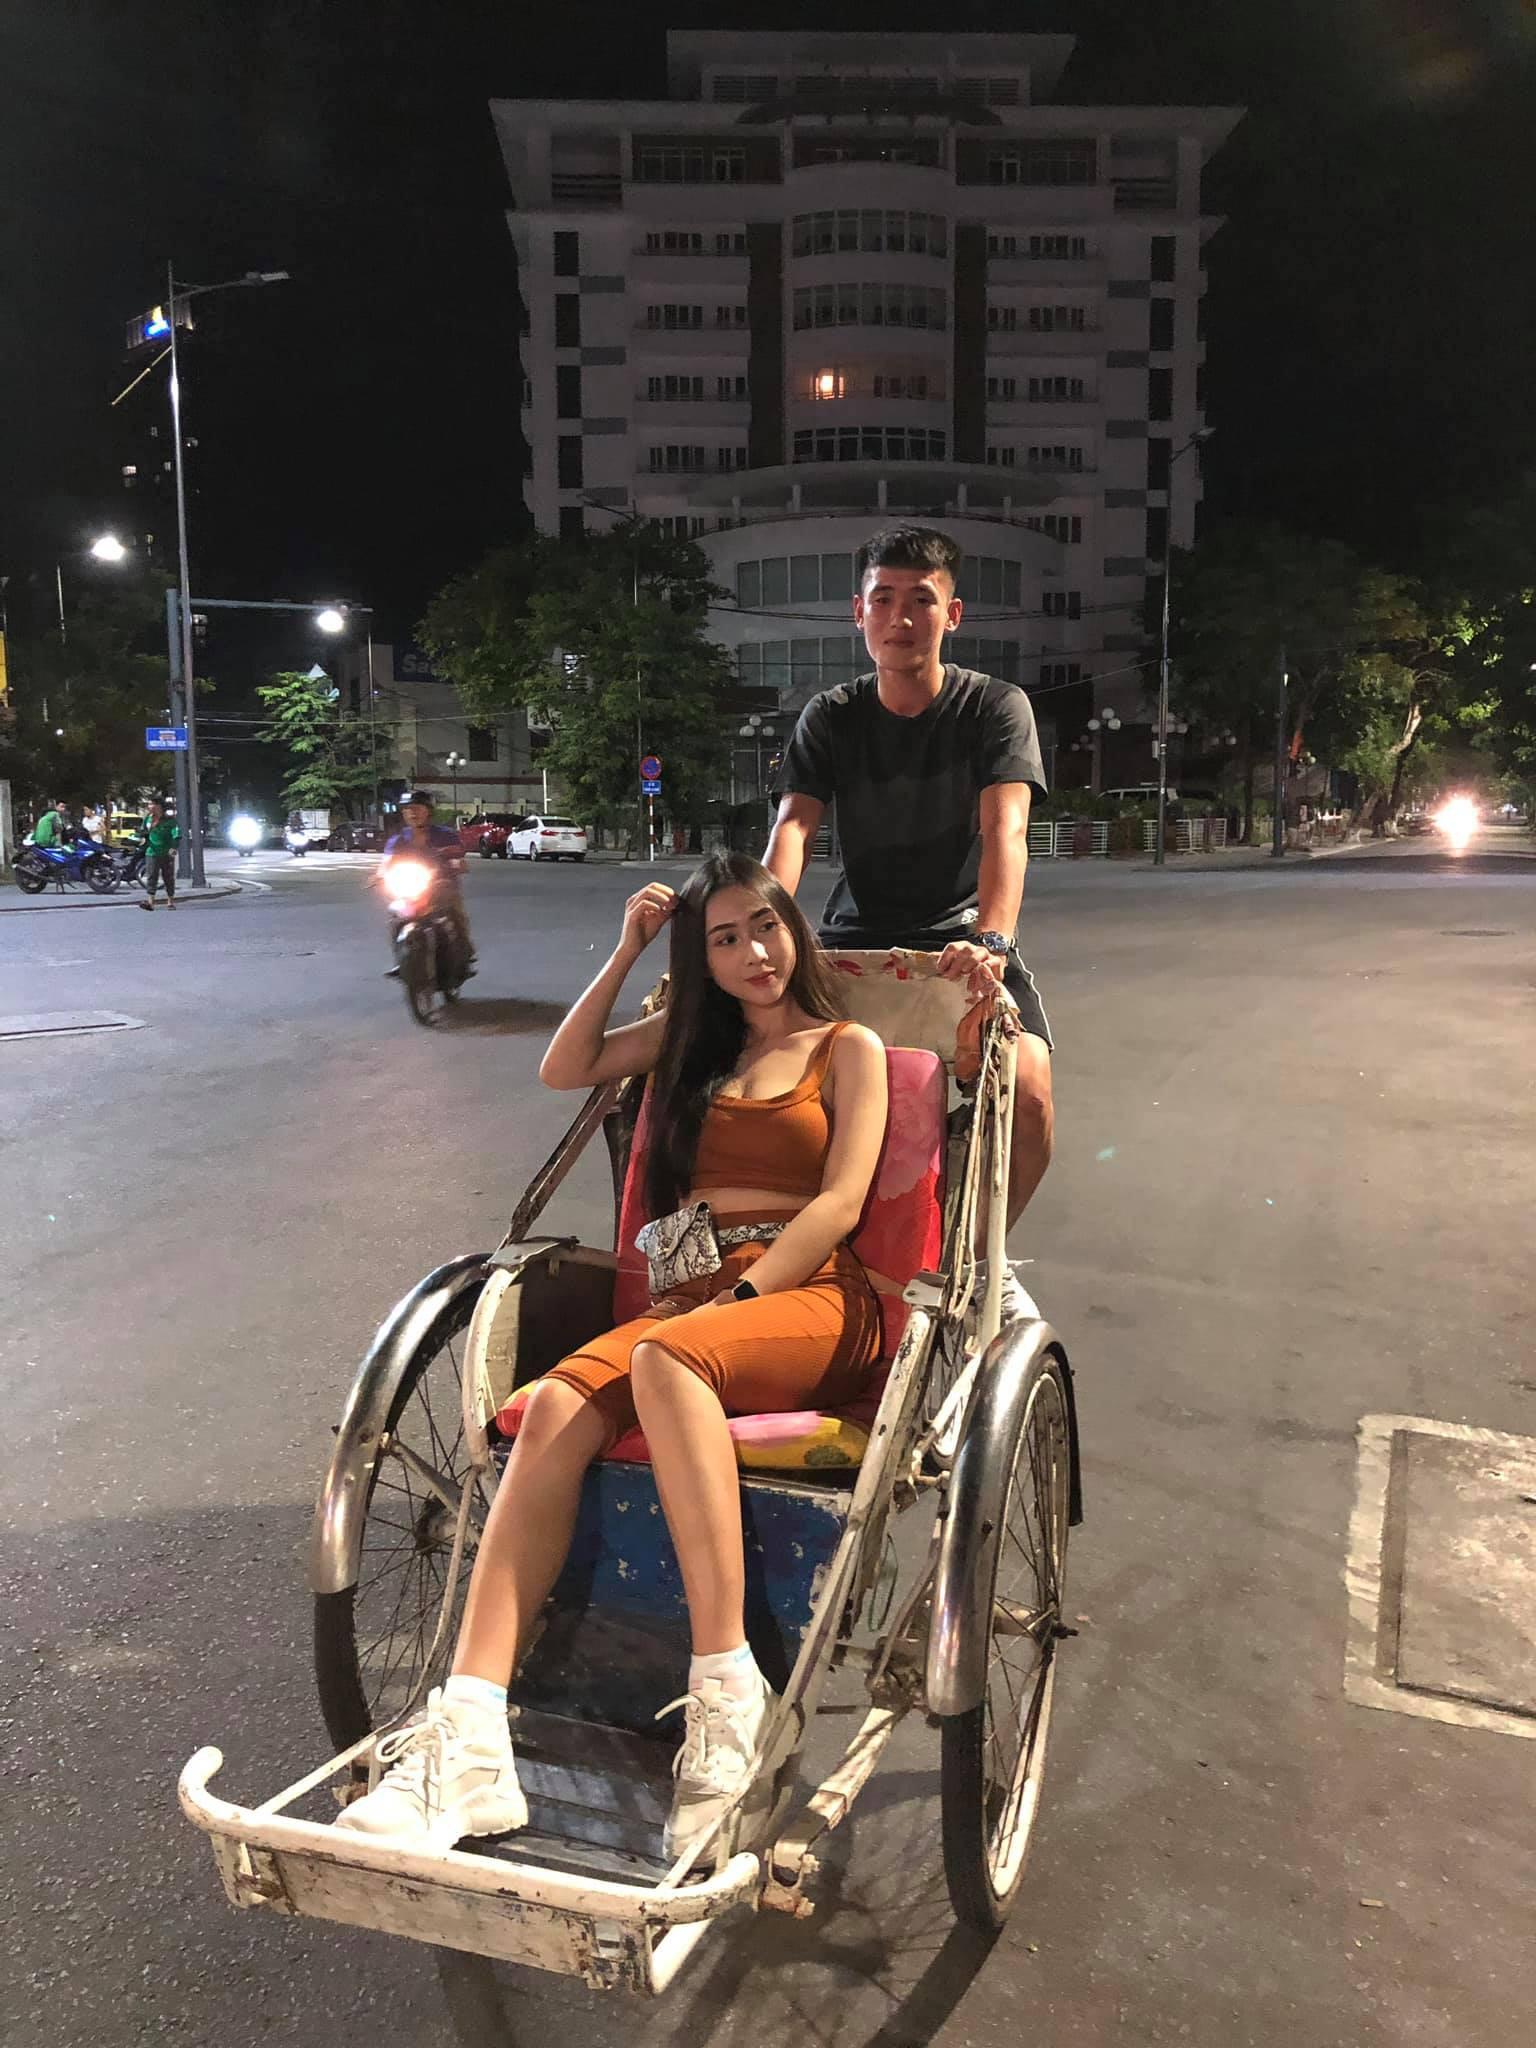 Dân mạng đã tìm ra infor cô gái có body nóng bỏng được cho là bạn gái của tuyển thủ Việt Nam Huỳnh Tấn Sinh - Ảnh 1.